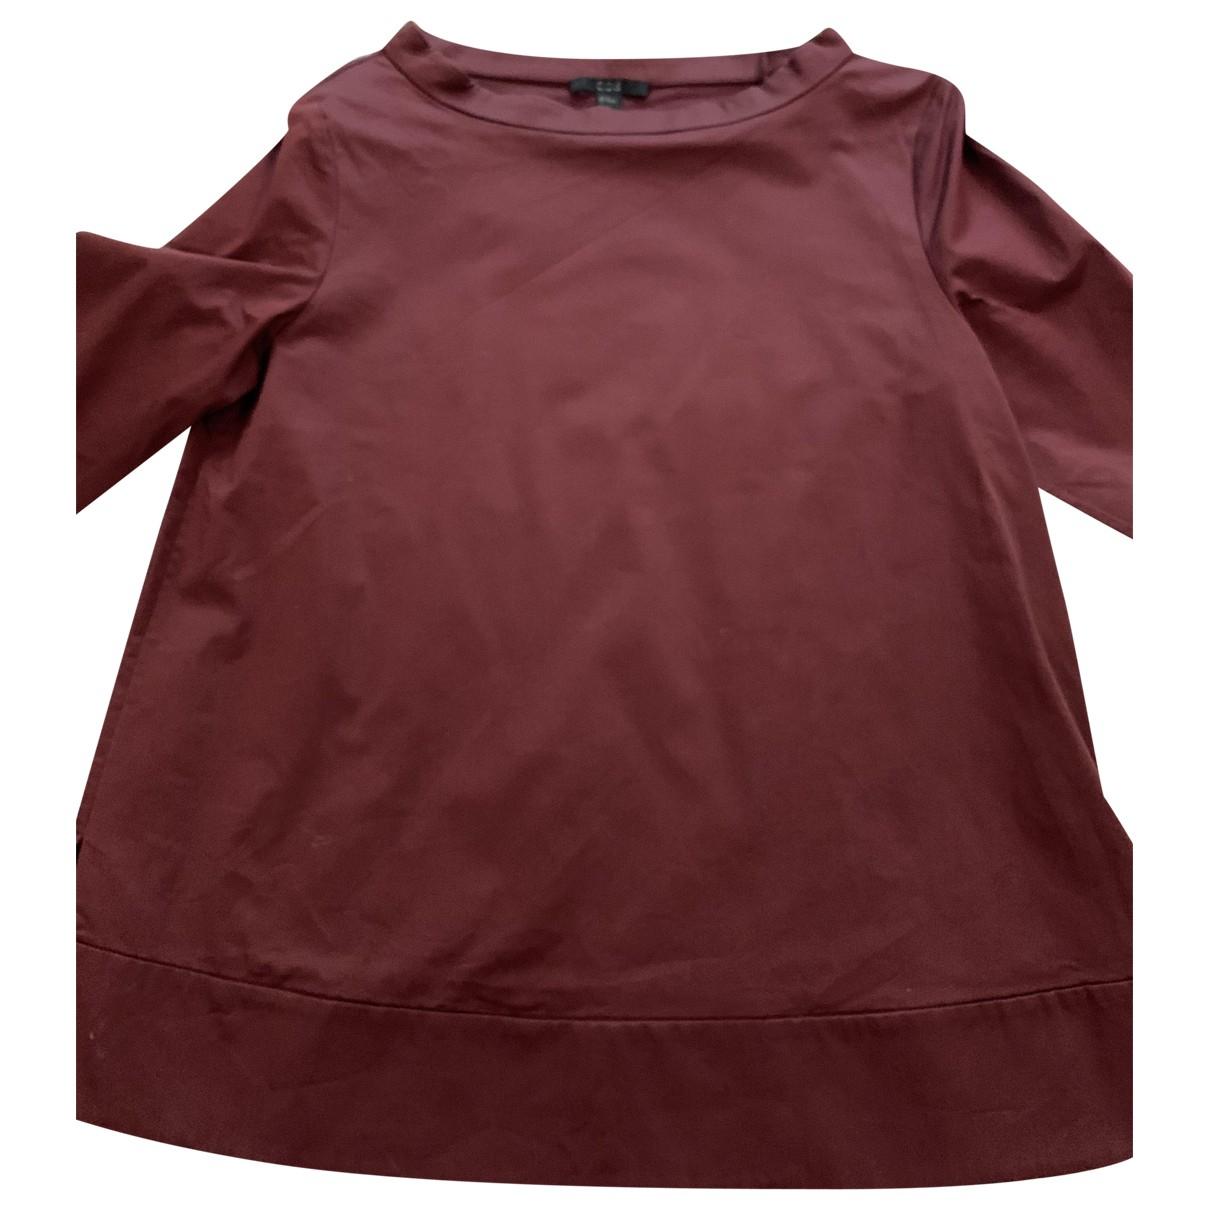 Cos - Top   pour femme en coton - bordeaux